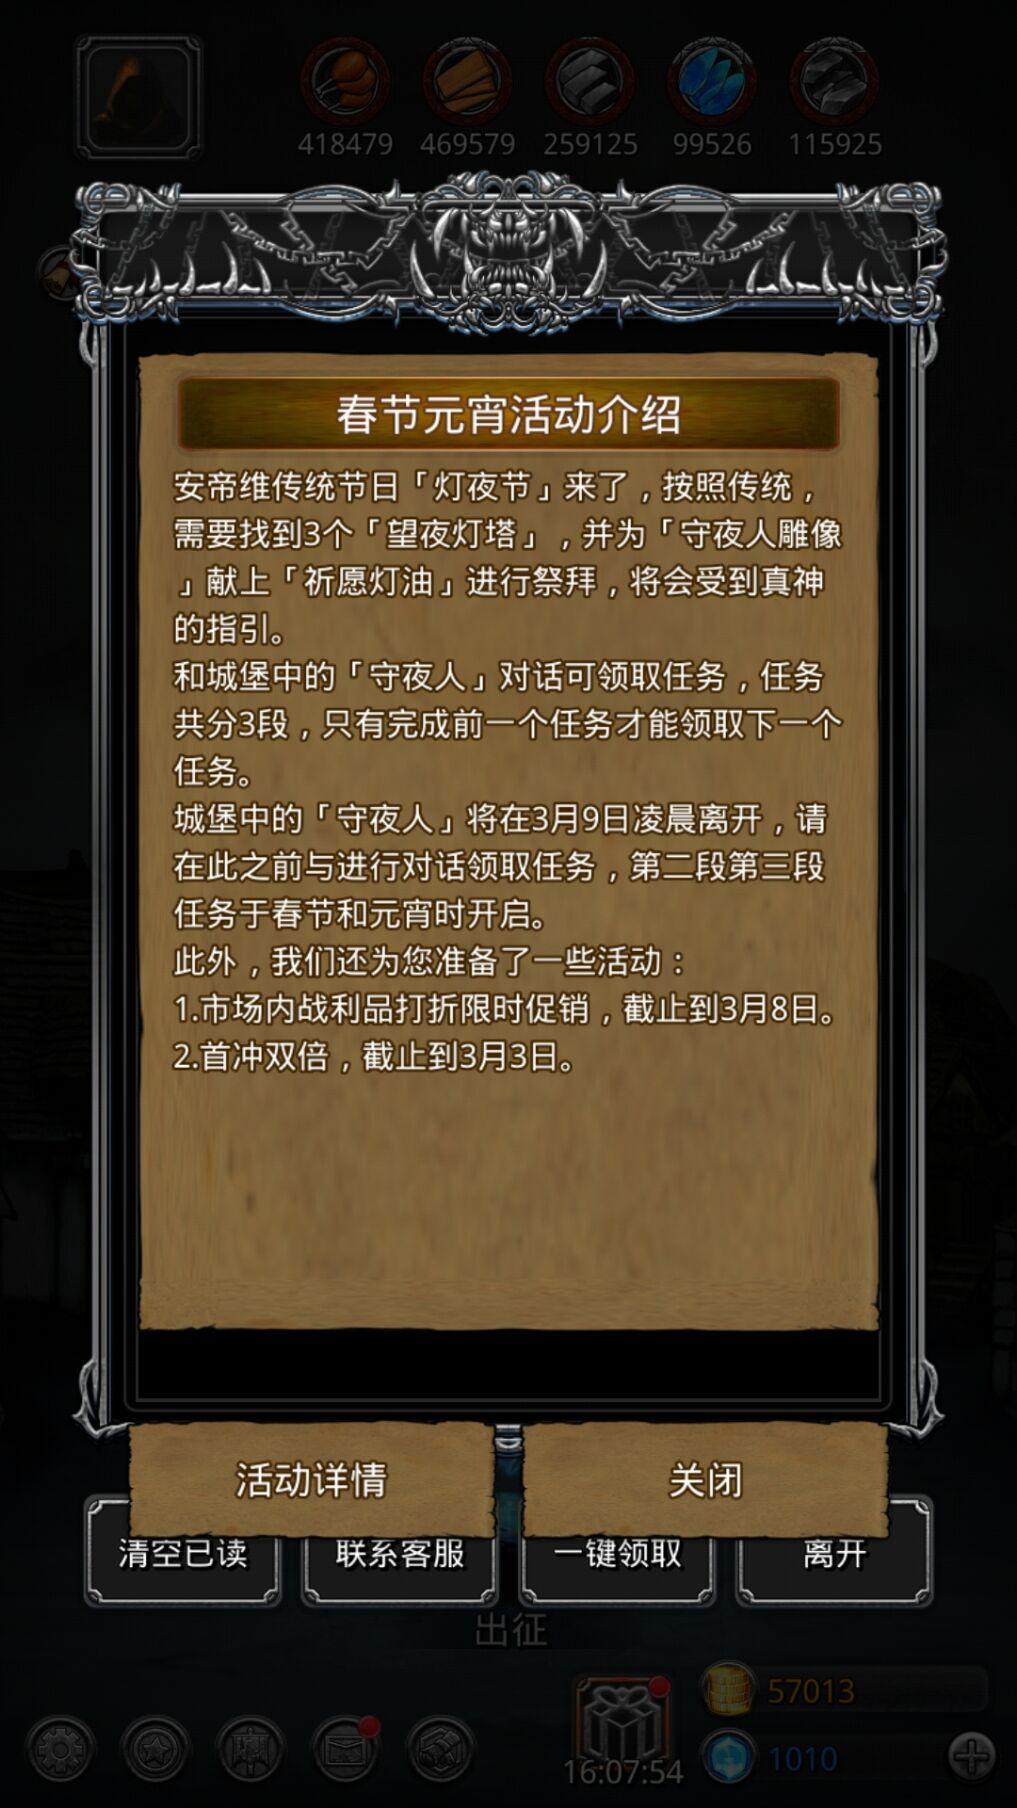 地下城堡2 2018春节活动大全 守夜人登场[多图]